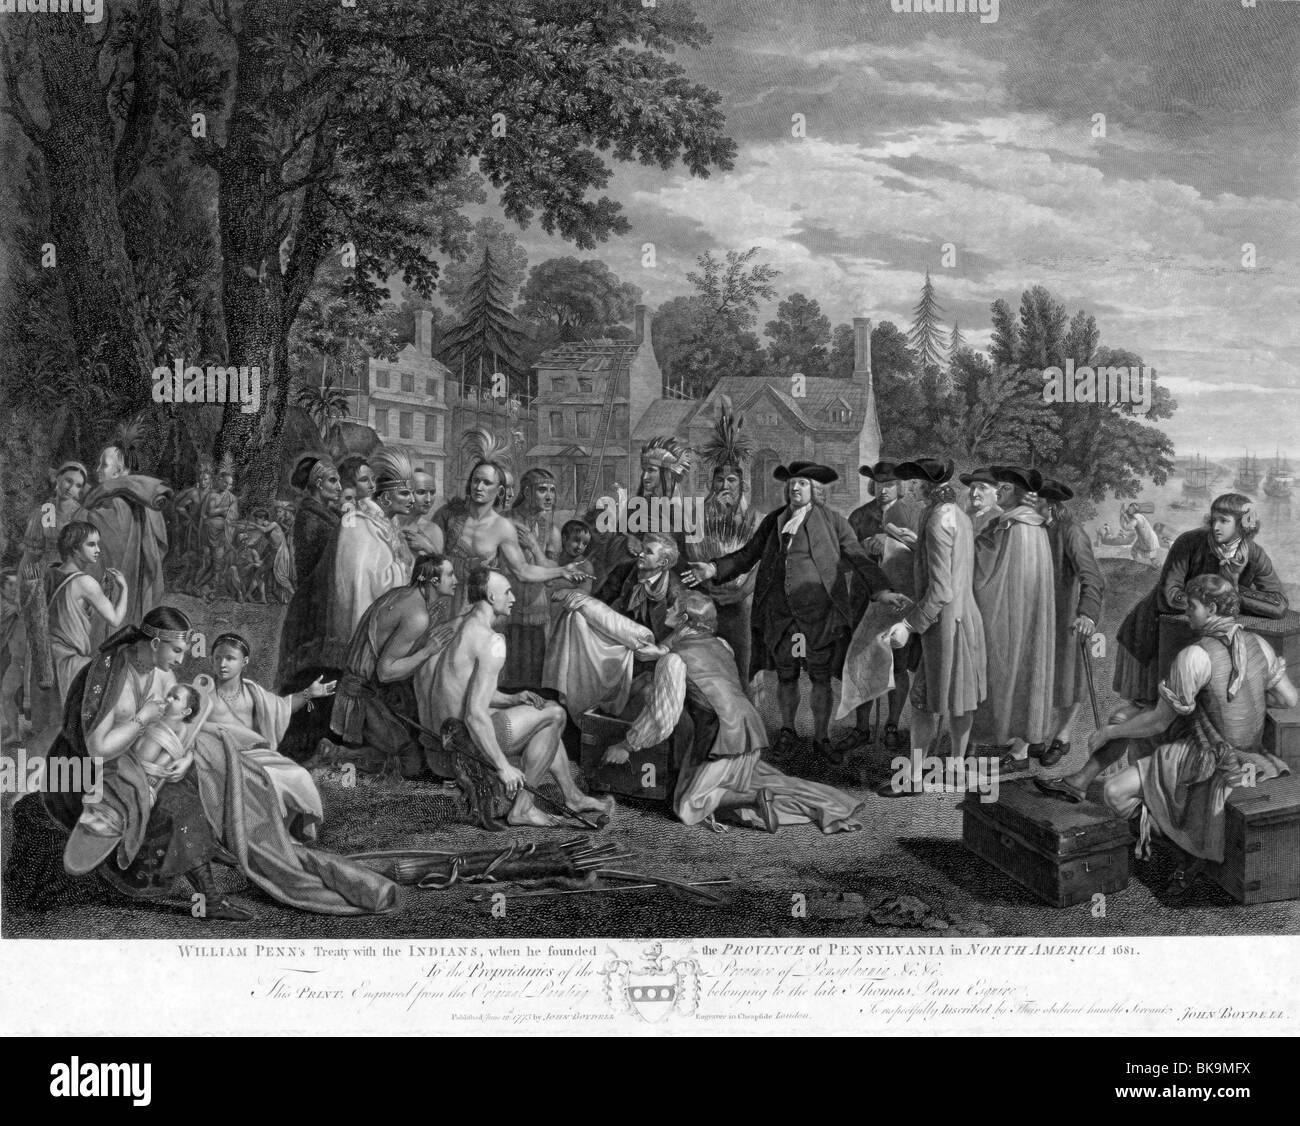 Illustrazione mostra William Penn in piedi con un gruppo di coloni e nativi americani. Immagini Stock